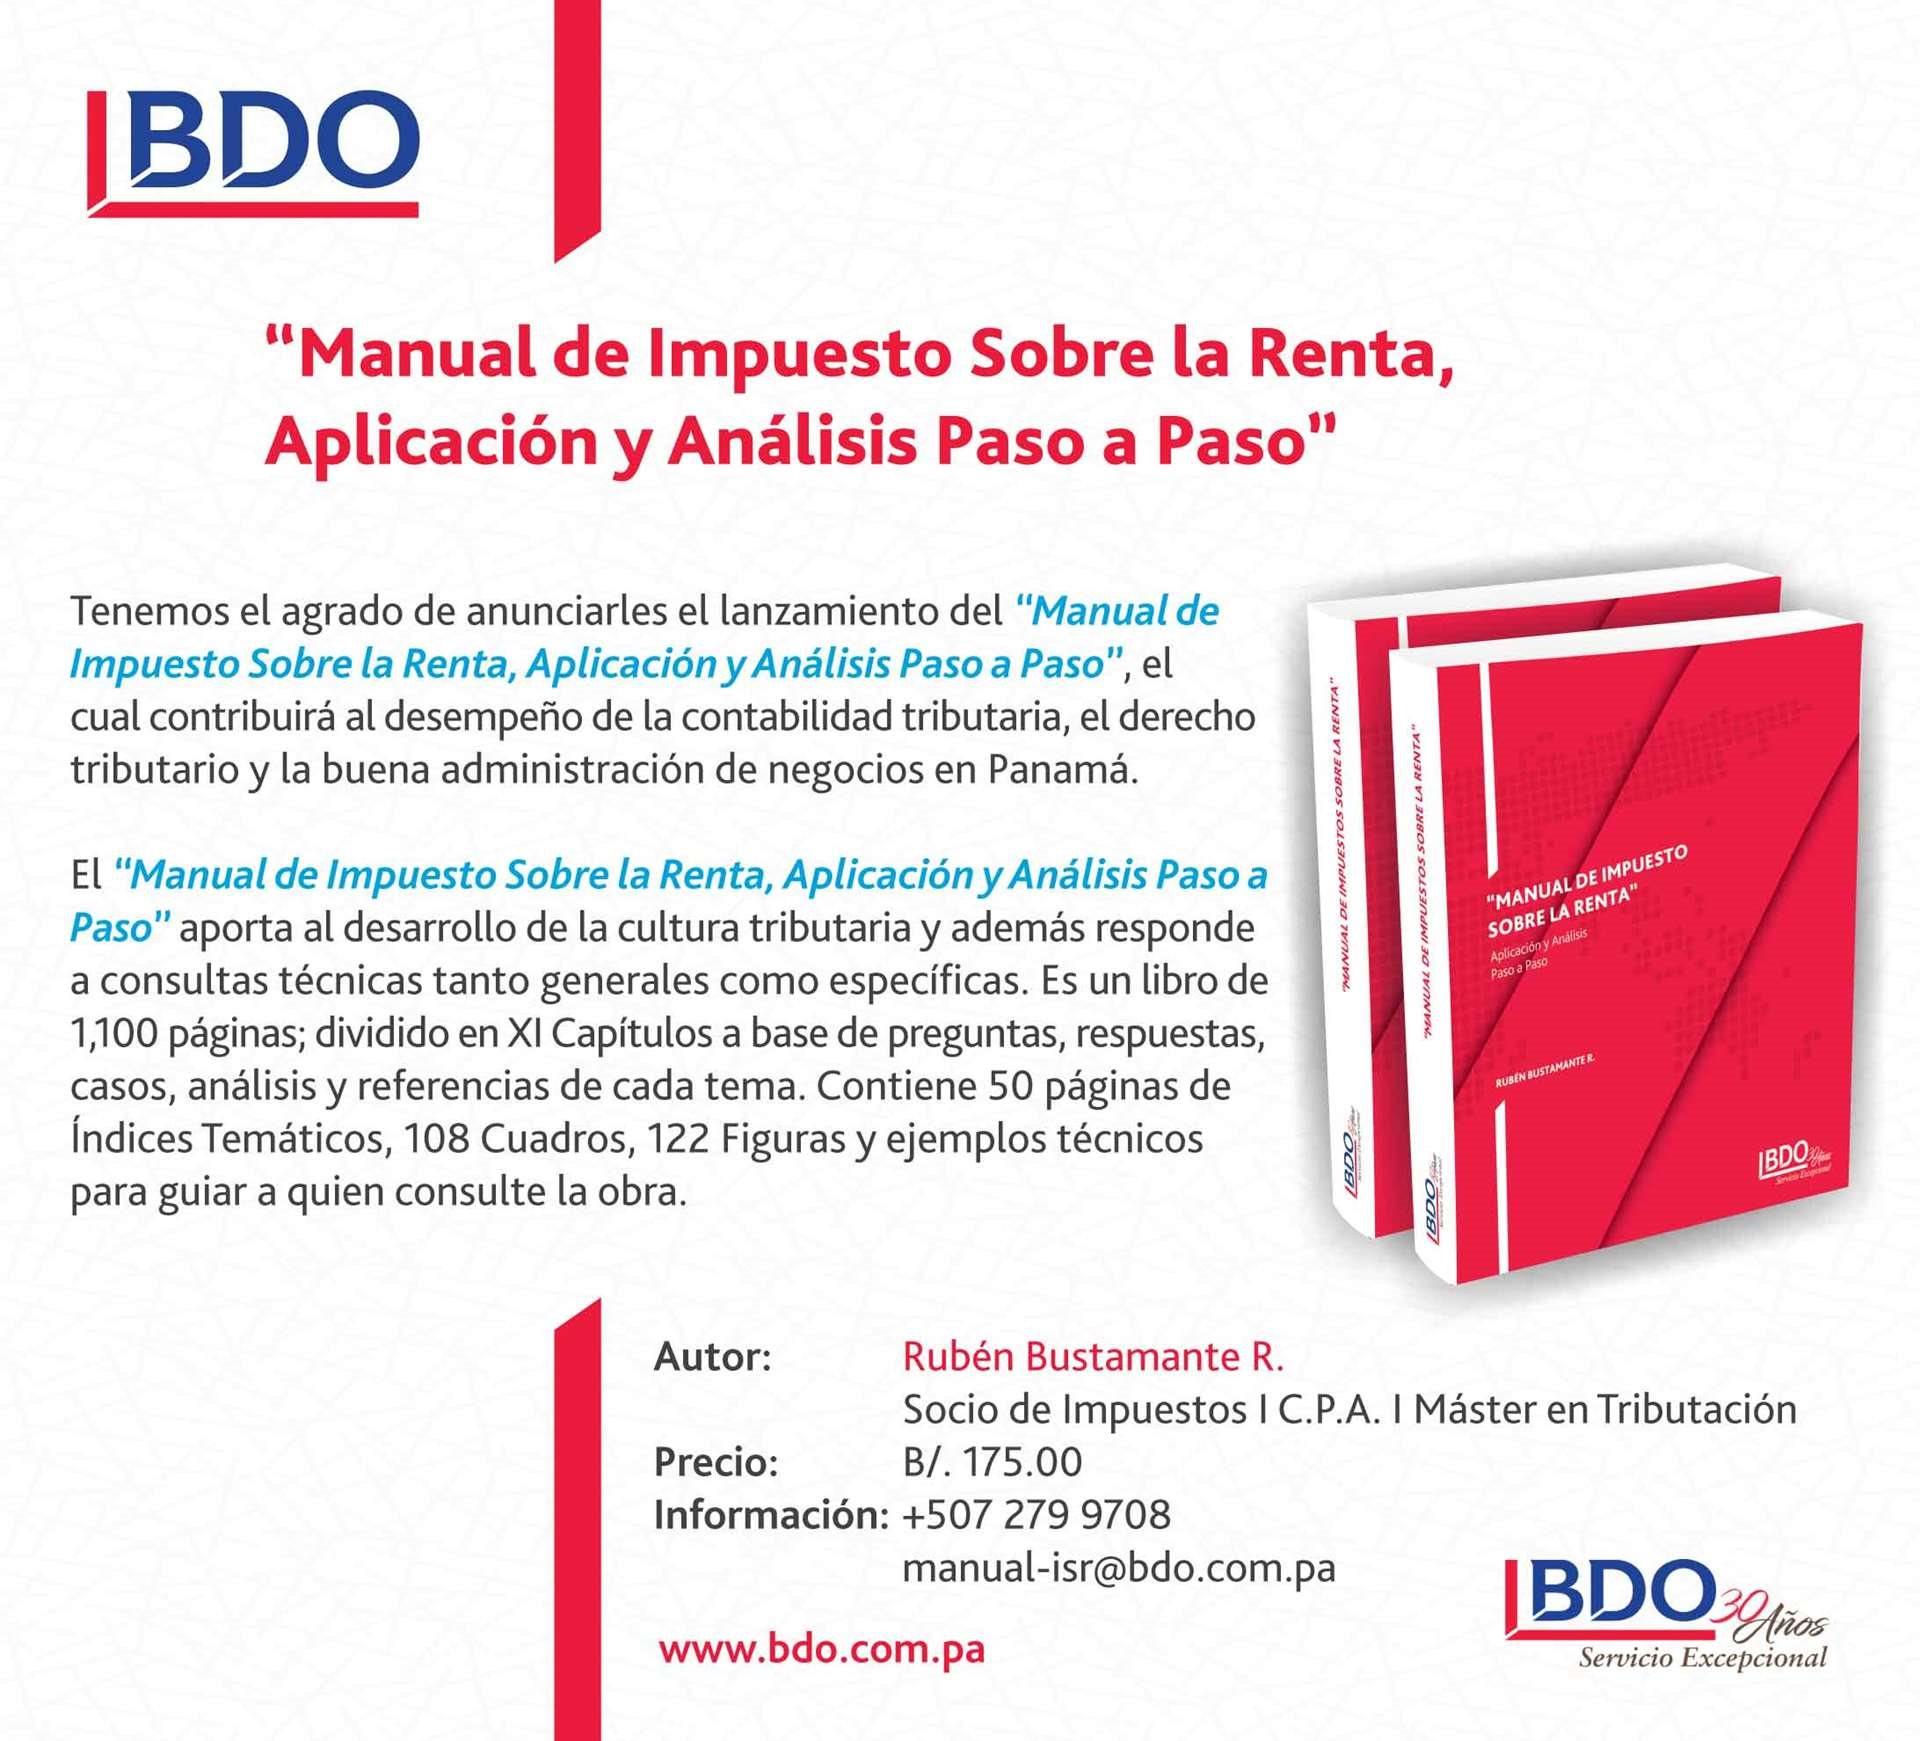 Manual de Impuesto Sobre la Renta, Aplicación y Análisis Paso a Paso ...